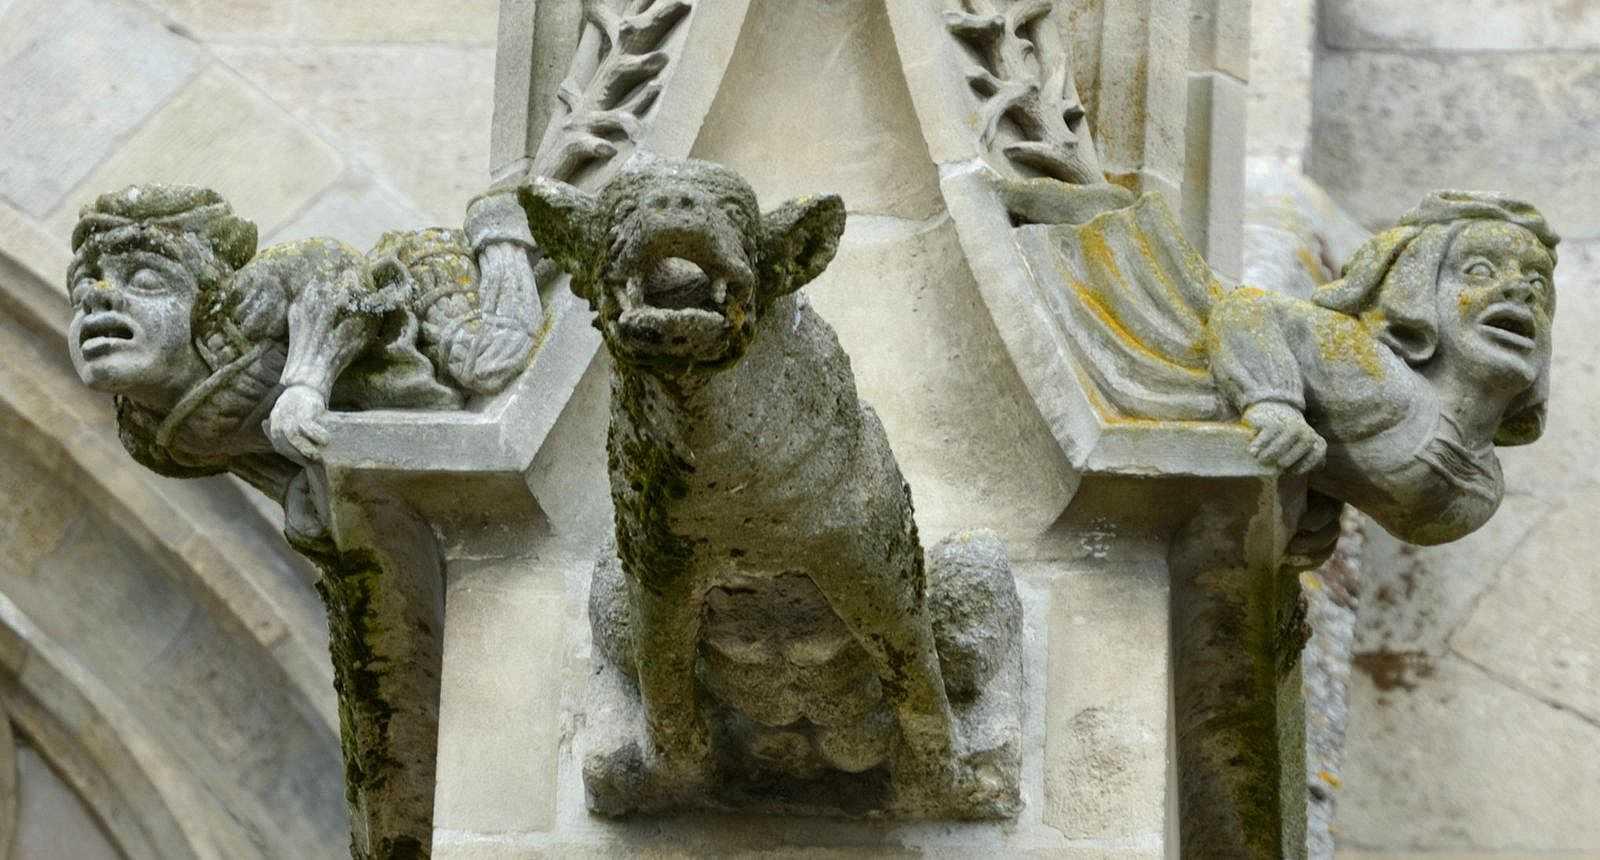 Gargouille de l'église Saint-Germain à Argentan